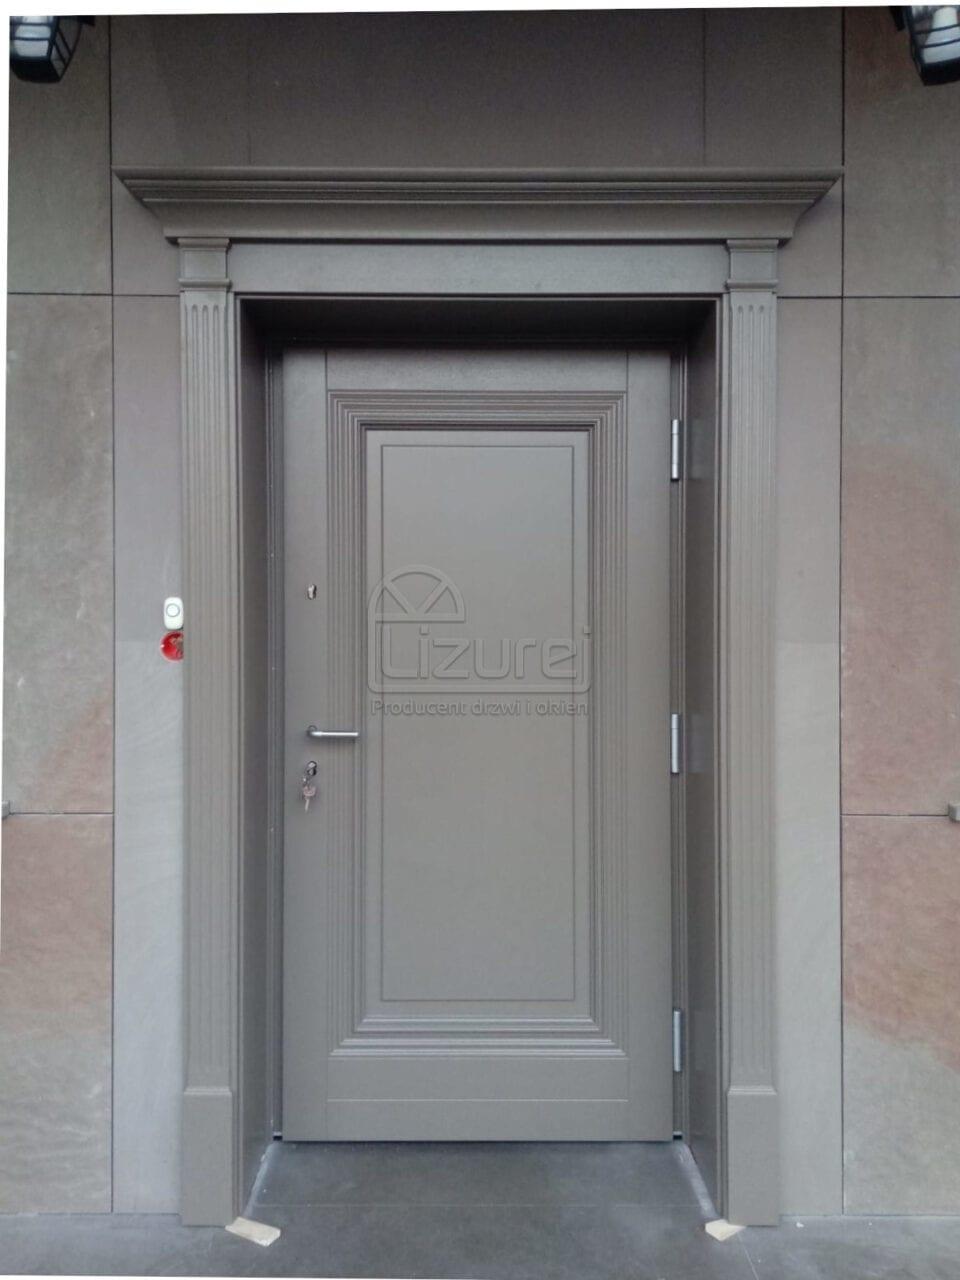 Producent Drzwi Drewnianych Na Wymiar Lizurej Galeria Zewnętrzne 11